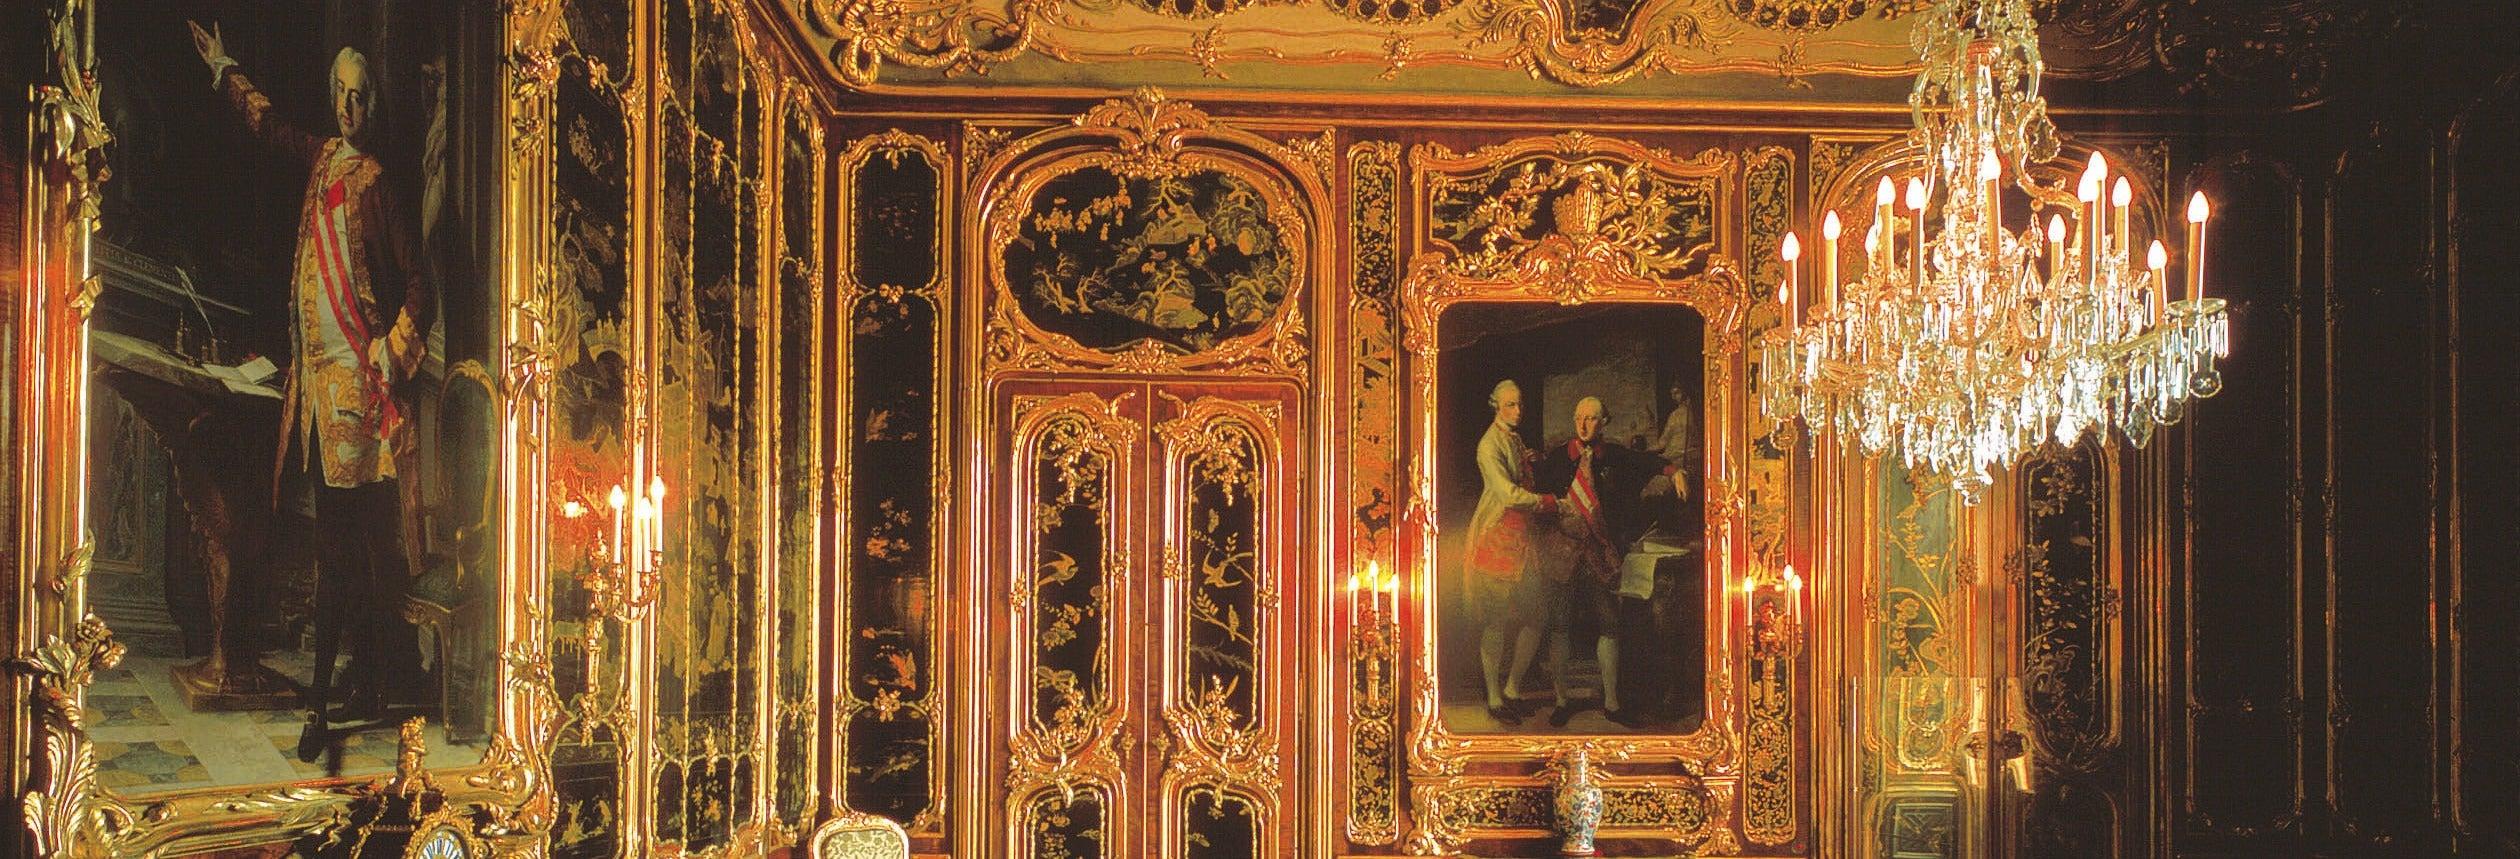 Visita guidata del Palazzo di Schönbrunn